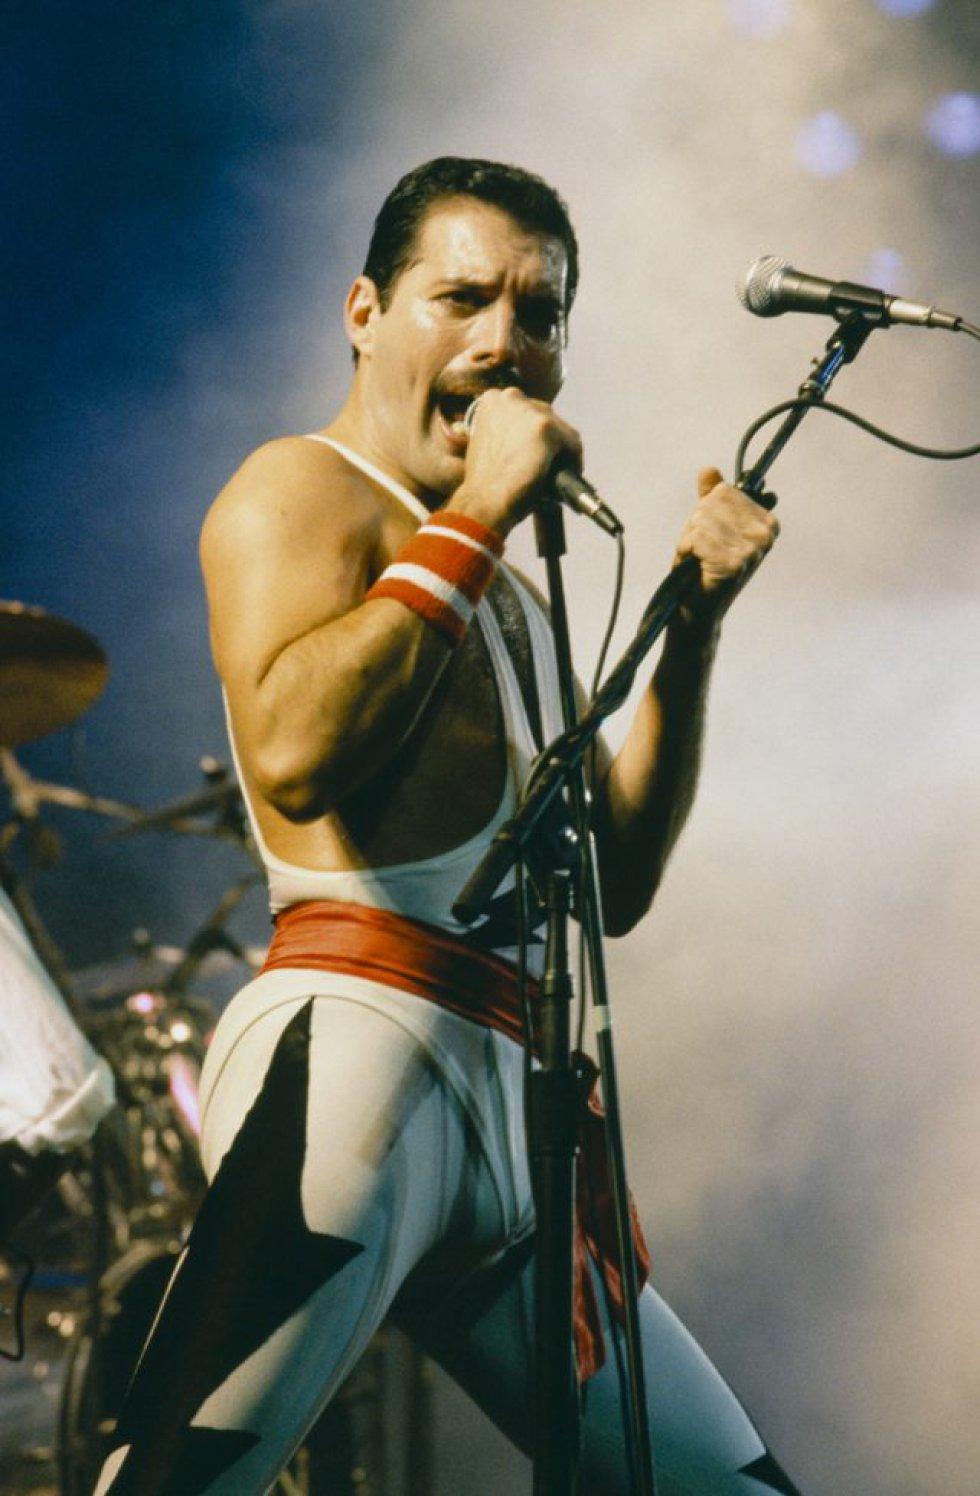 Freddie Mercury. Um artista único que era bissexual assumido. Mercury é um dos maiores expoentes da bi-erasure, ou quando historicamente a bissexualidade é omitida para atribuir a uma determinada pessoa o rótulo de gay ou hétero. Um fato que ganhou relevância novamente algumas semanas atrás, quando foi lançado o trailer de Bohemian Rhapsody – a cinebiografia estrelada por Rami Malek no papel de Mercury – e Bryan Fuller, roteirista de American Gods, lamentou em suas redes sociais que o clipe destacasse somente um relacionamento com uma mulher (a do cantor com Mary Austin) e tentasse esconder o máximo possível sua bissexualidade.